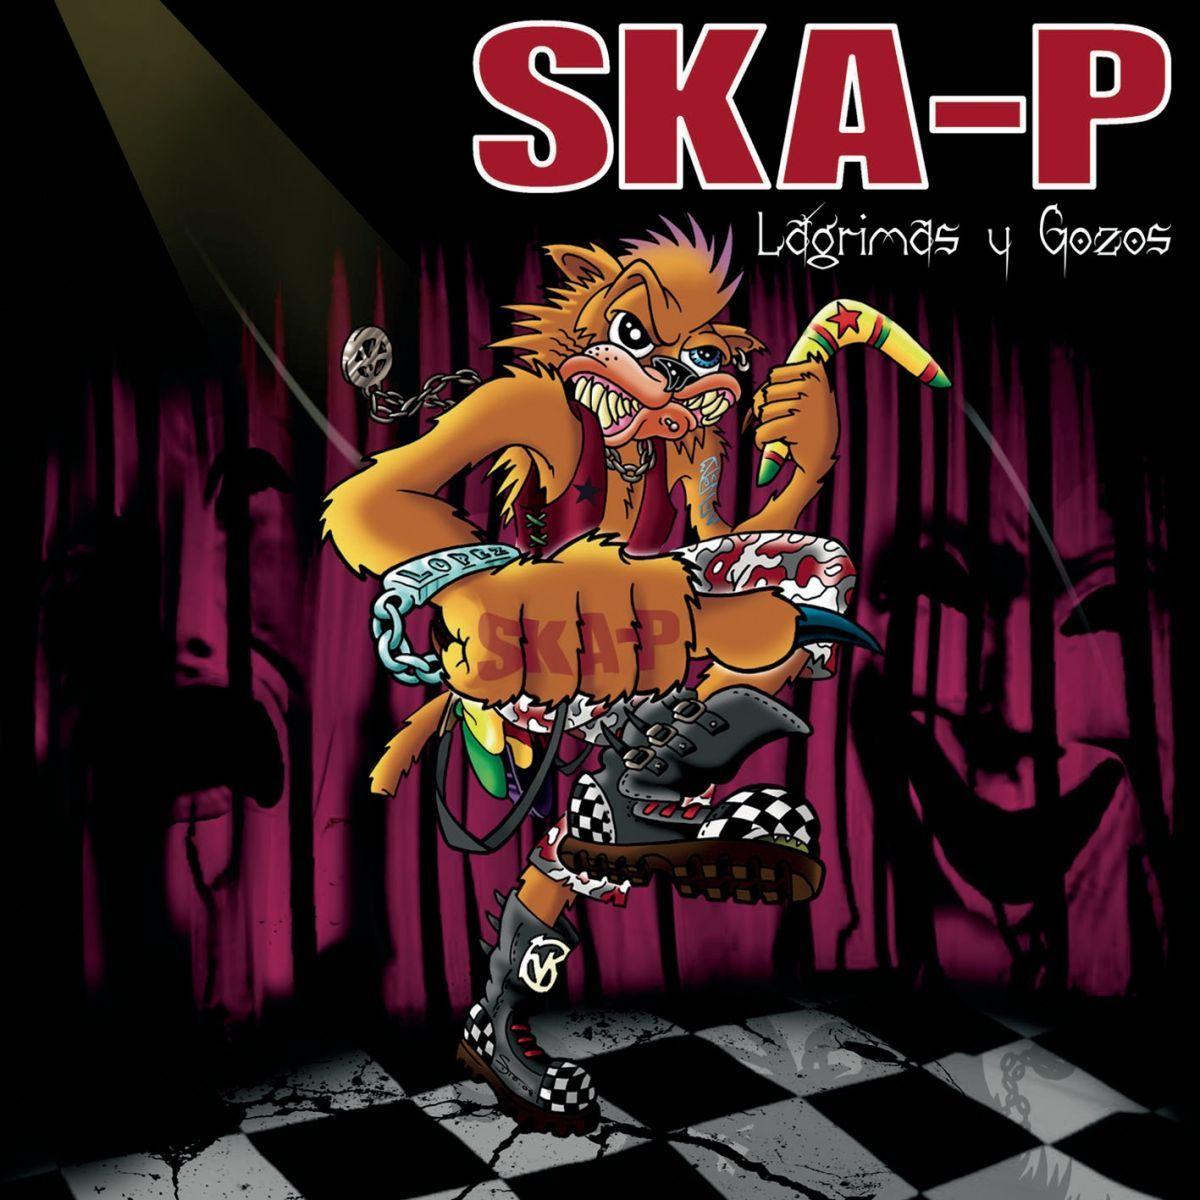 Ska-p - Lagrimas Y Gozos album cover